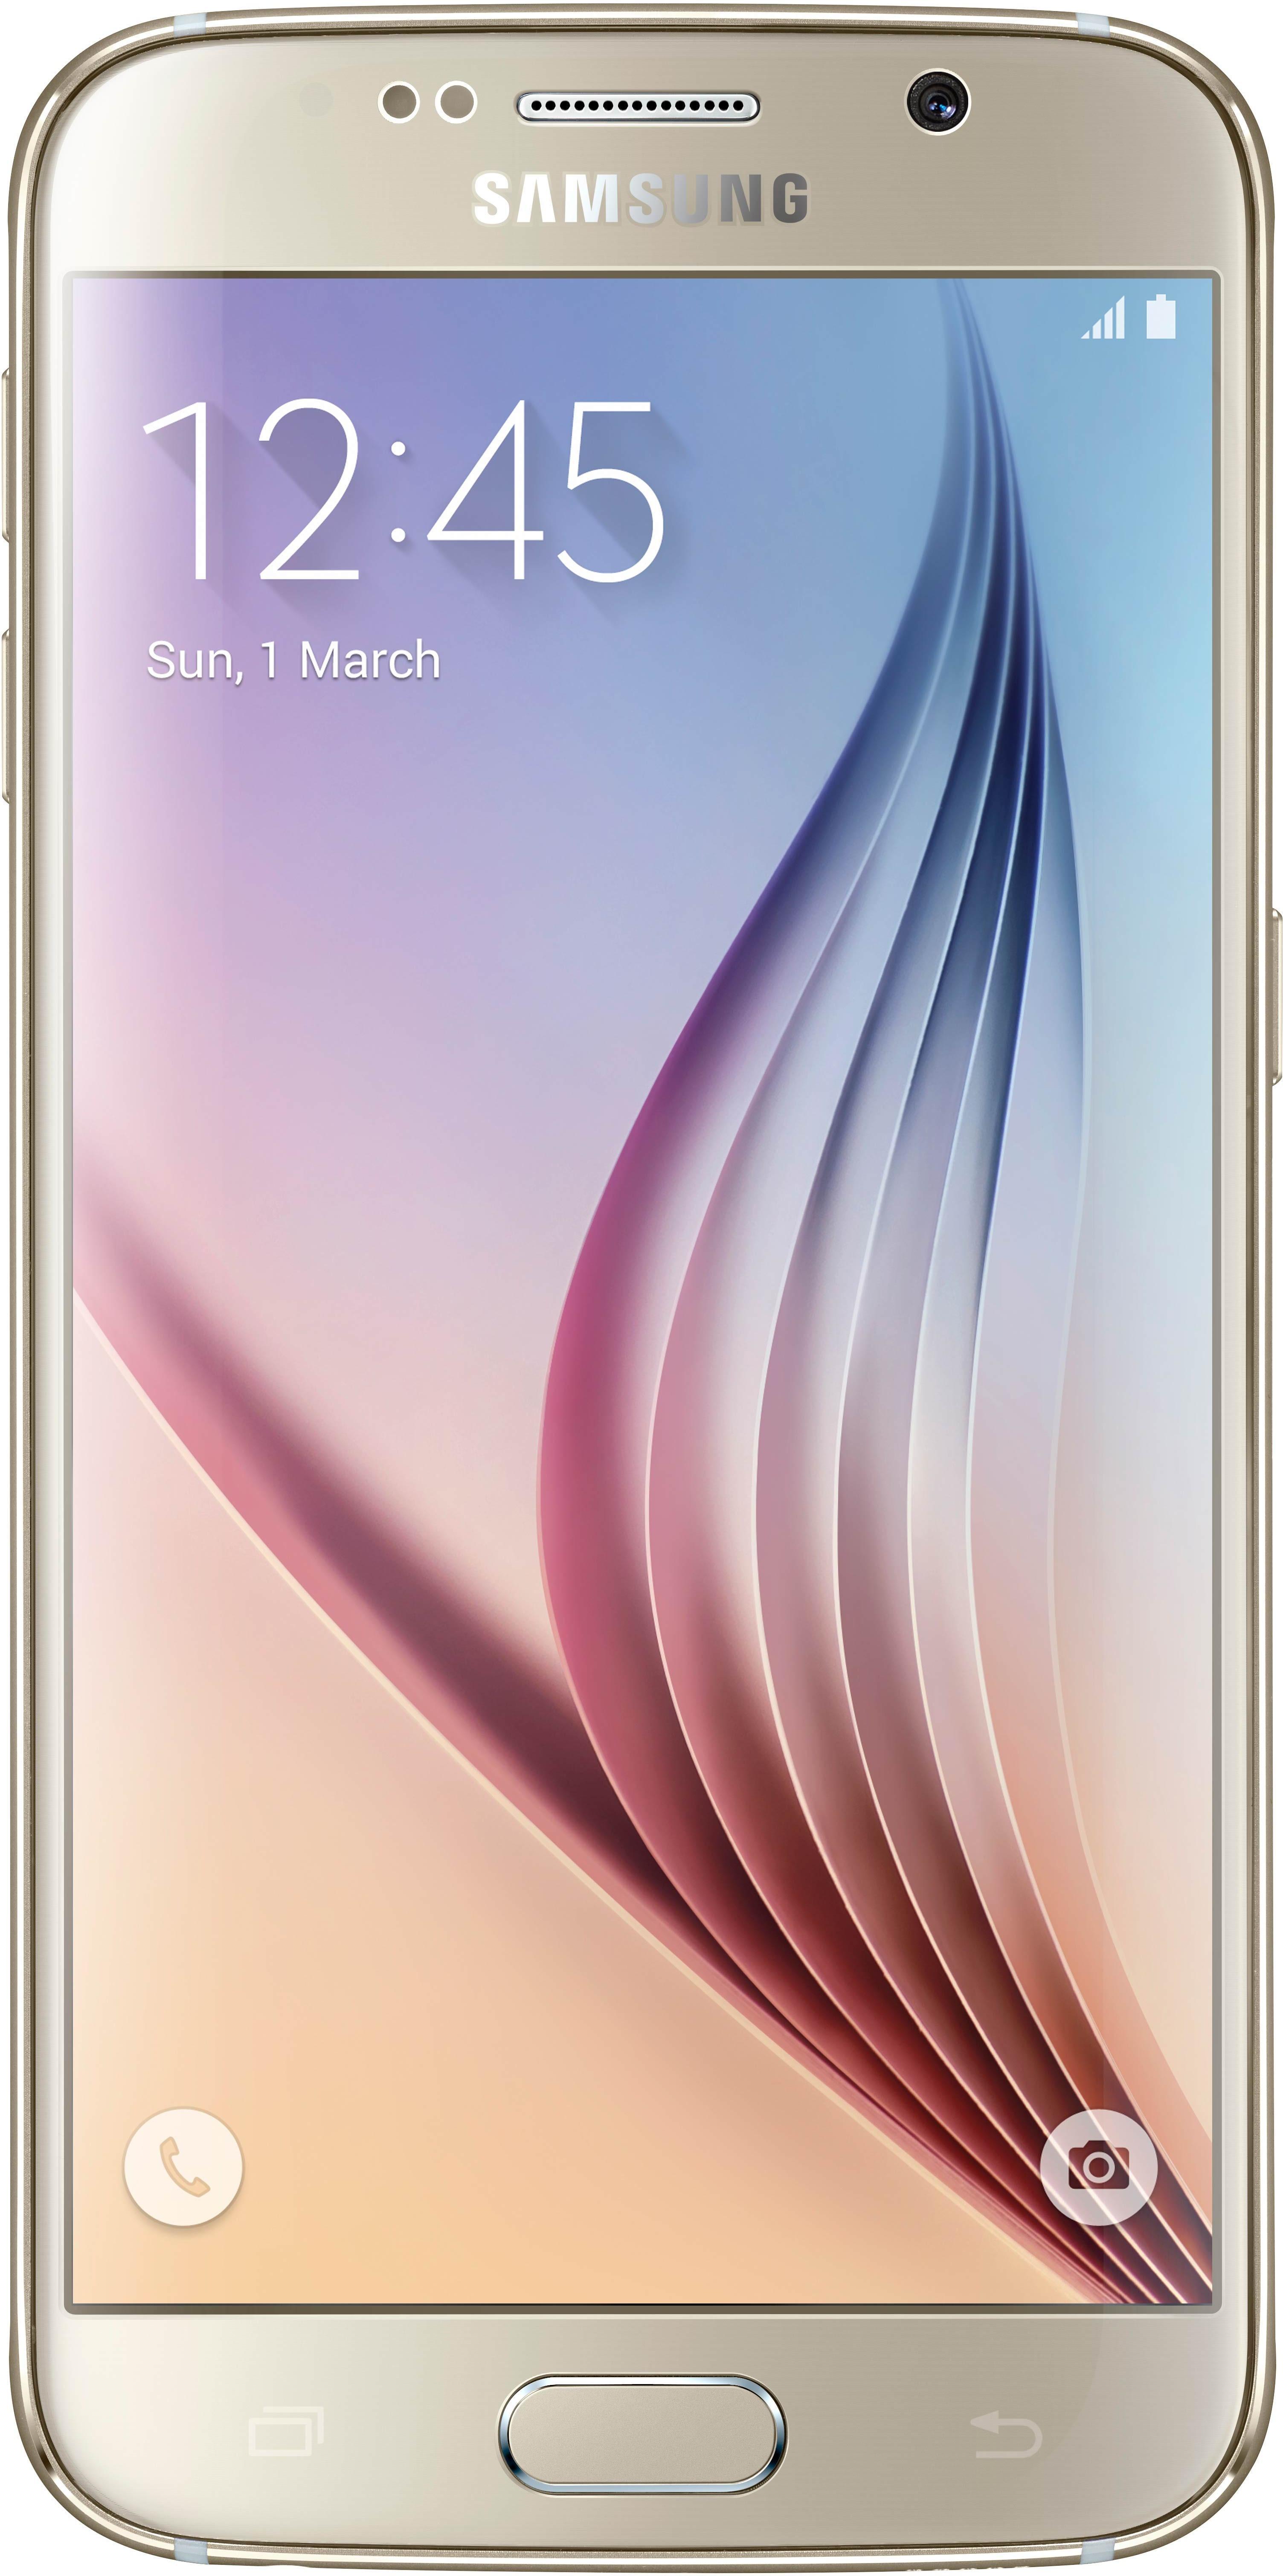 Samsung Galaxy S6 har visstnok minneproblemer. Foto: Samsung